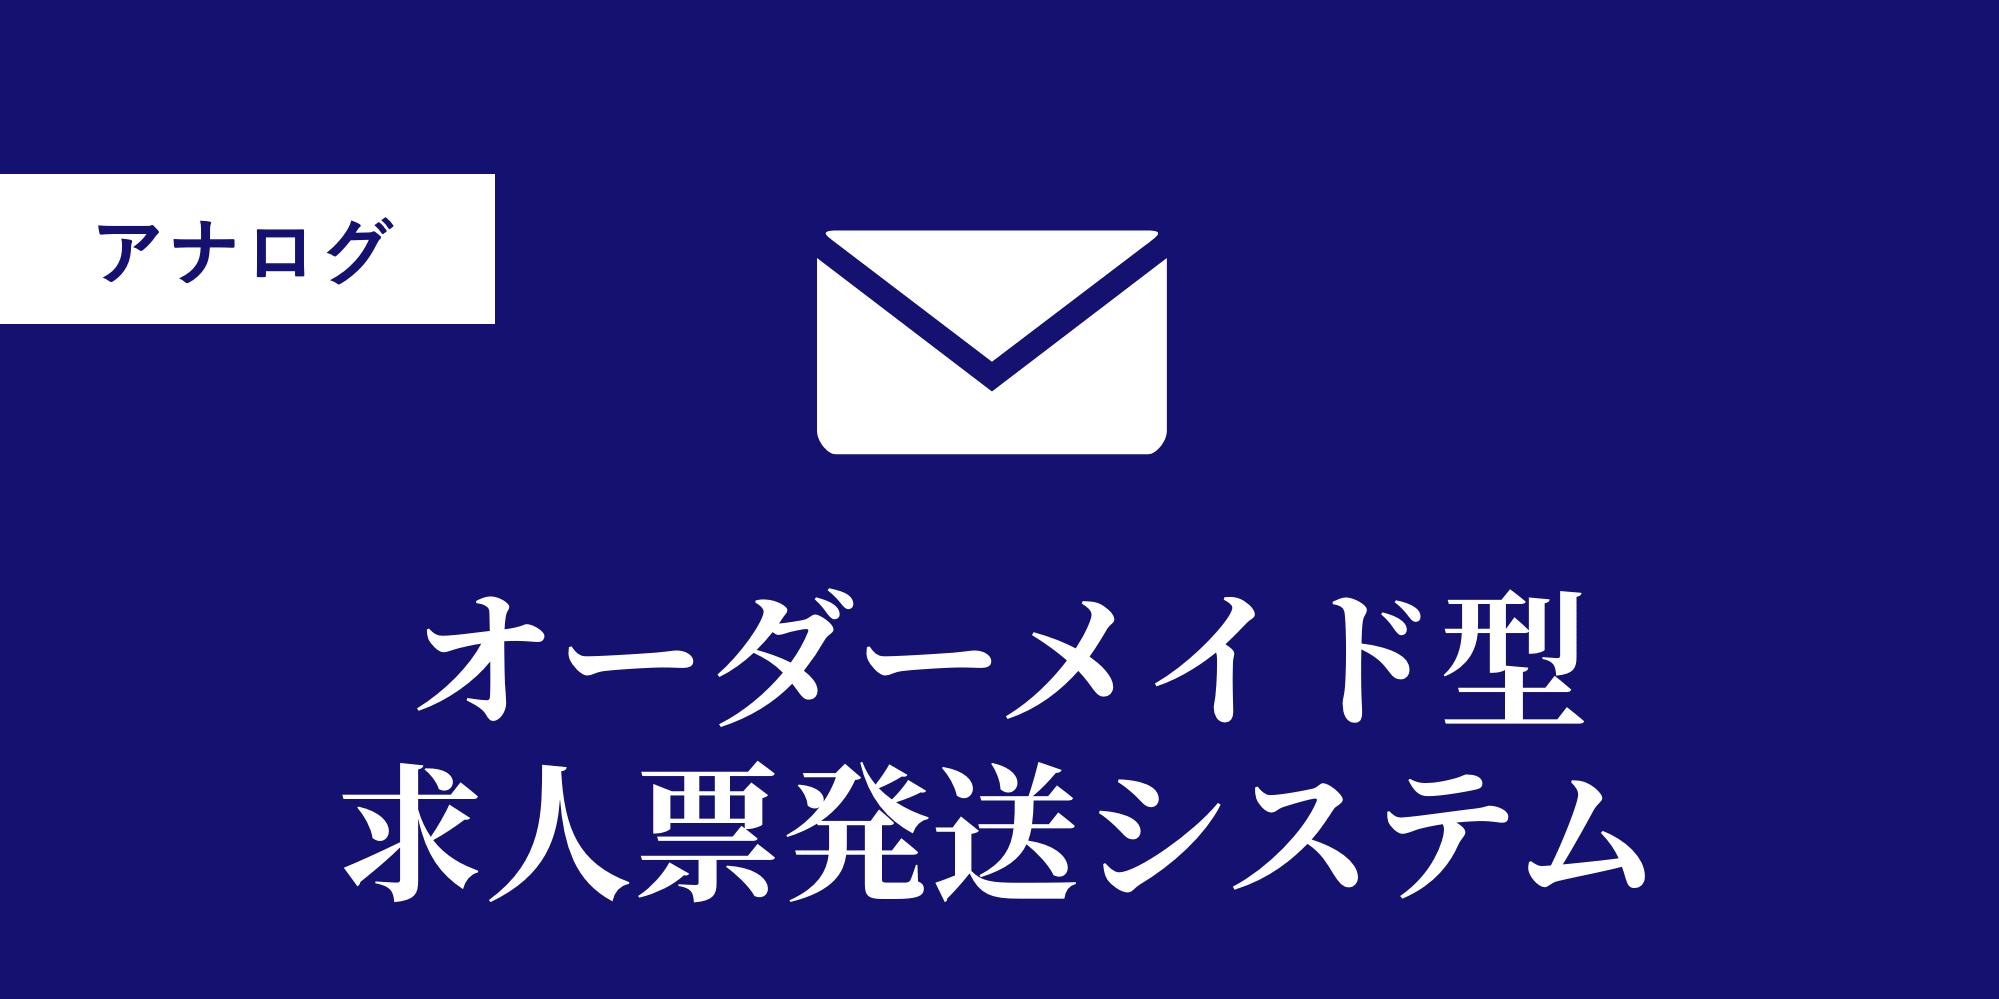 オーダーメイド型求人票発送システム